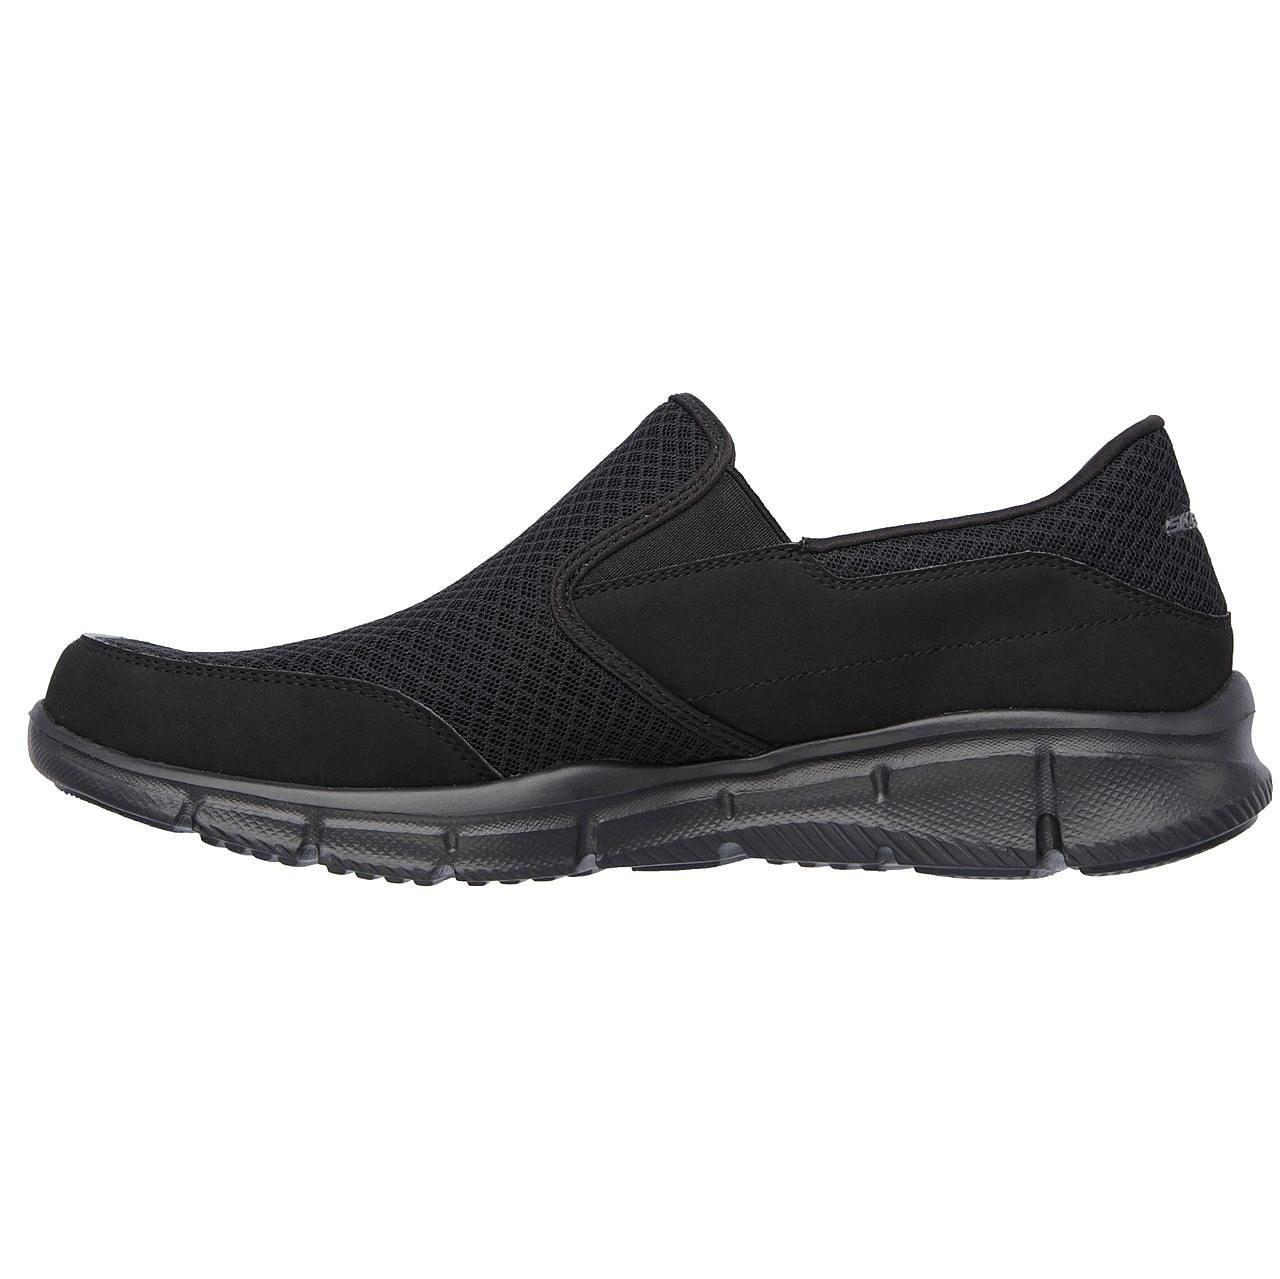 فروش کفش راحتی مردانه اسکچرز مدل 51361BBK